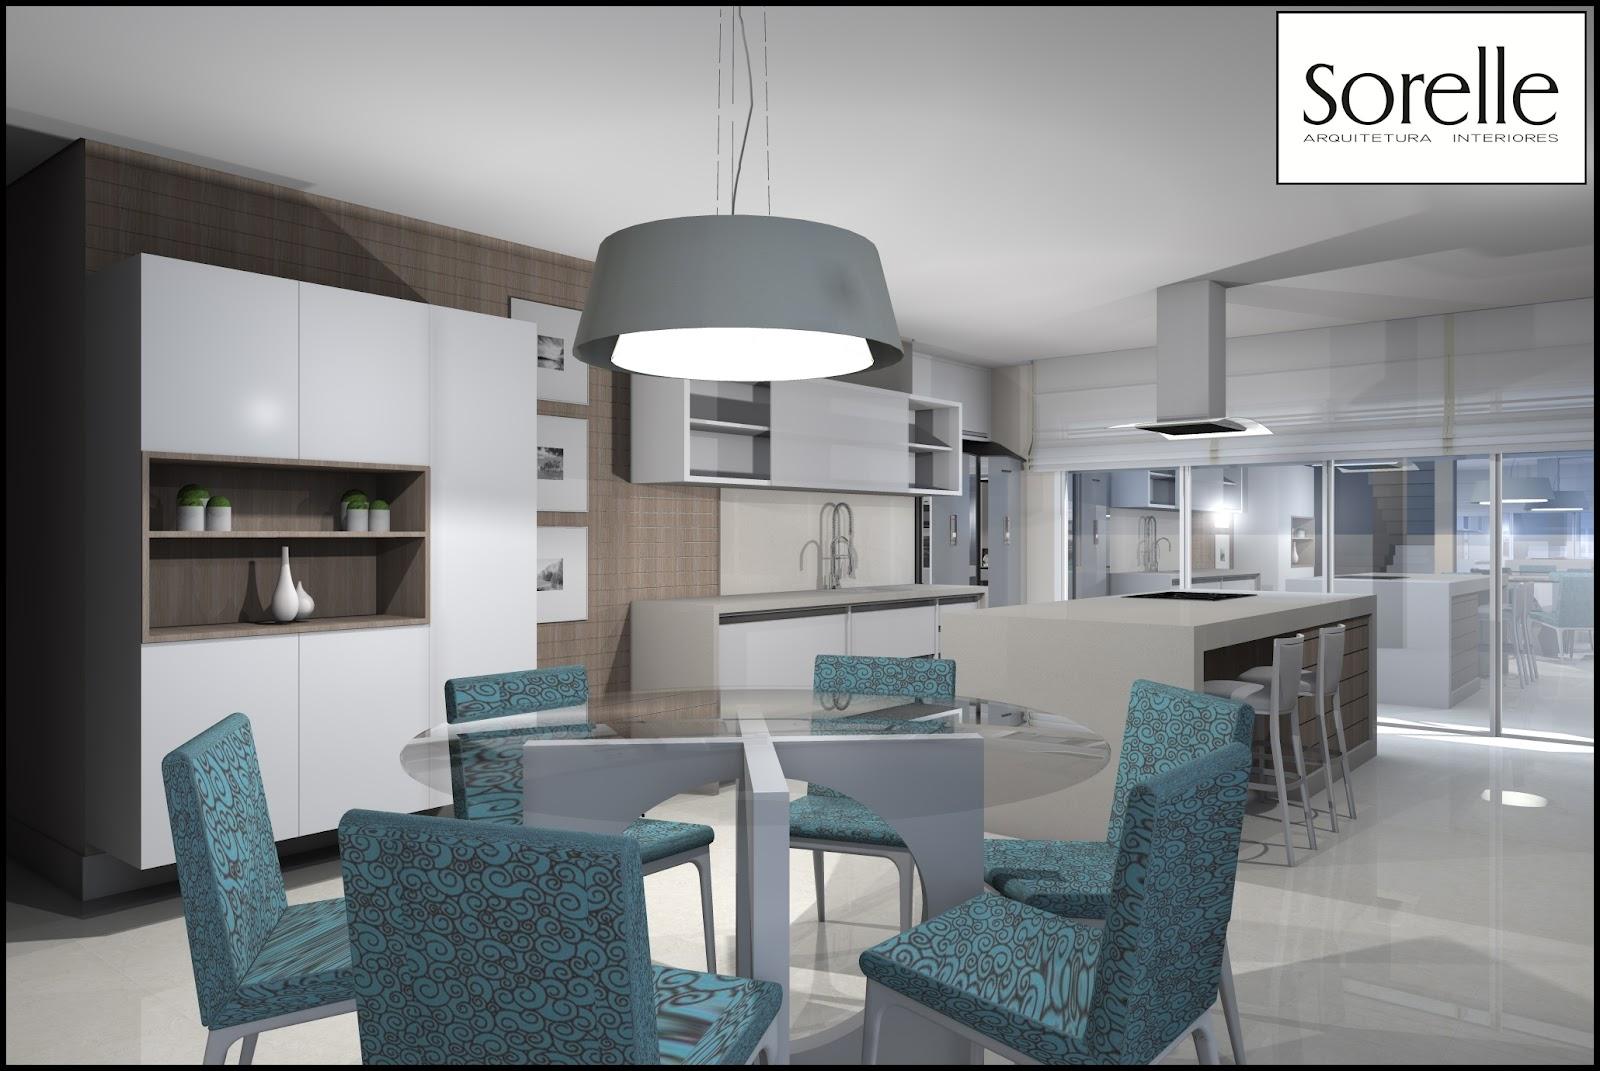 Sorelle Arquitetura e Interiores: Cozinha e Sala de Jantar . #3C5159 1600 1071